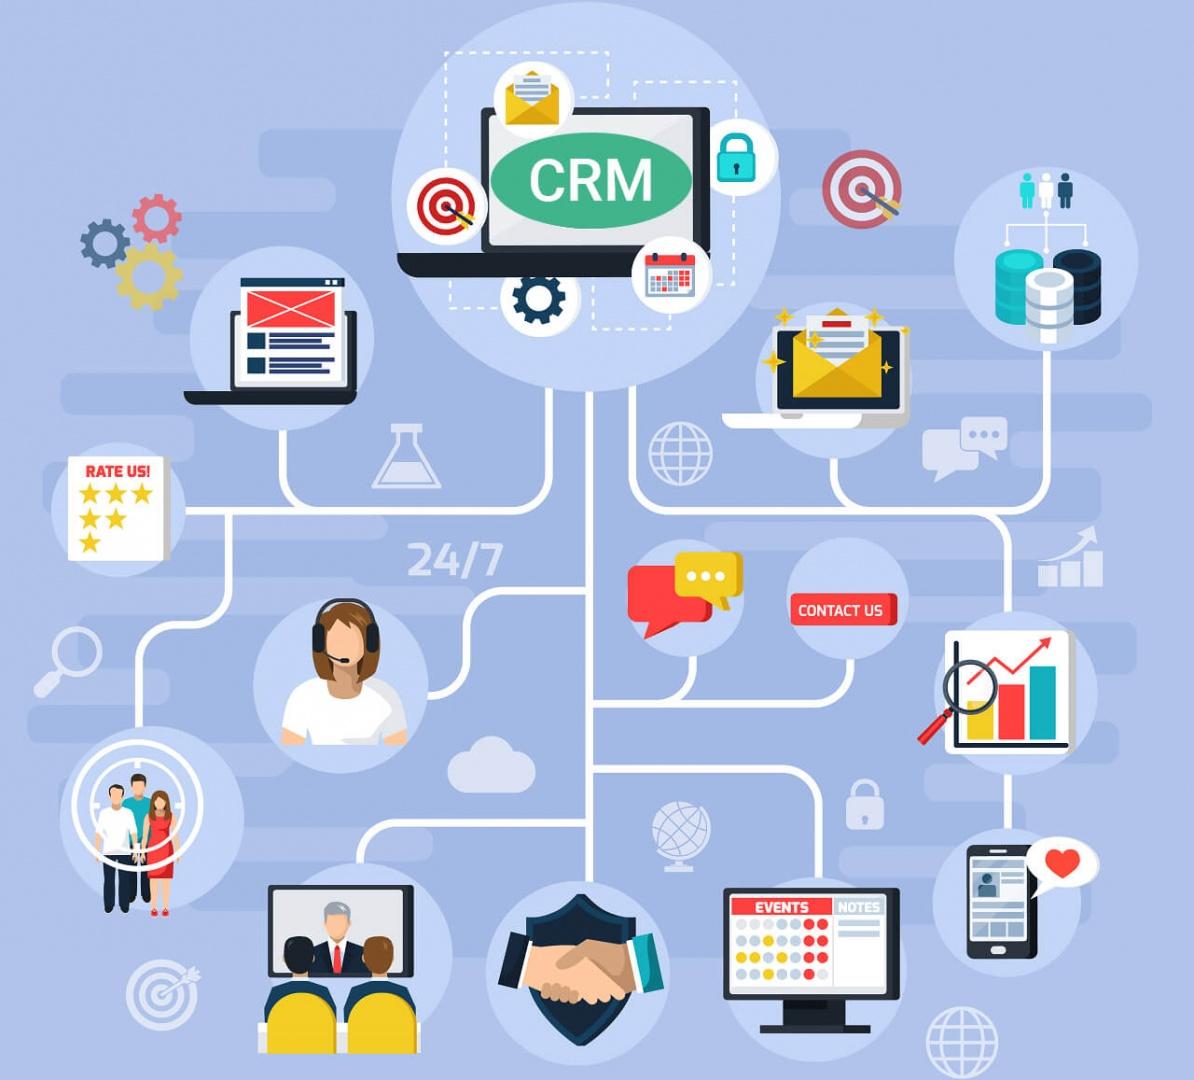 Afinal, o que é CRM?